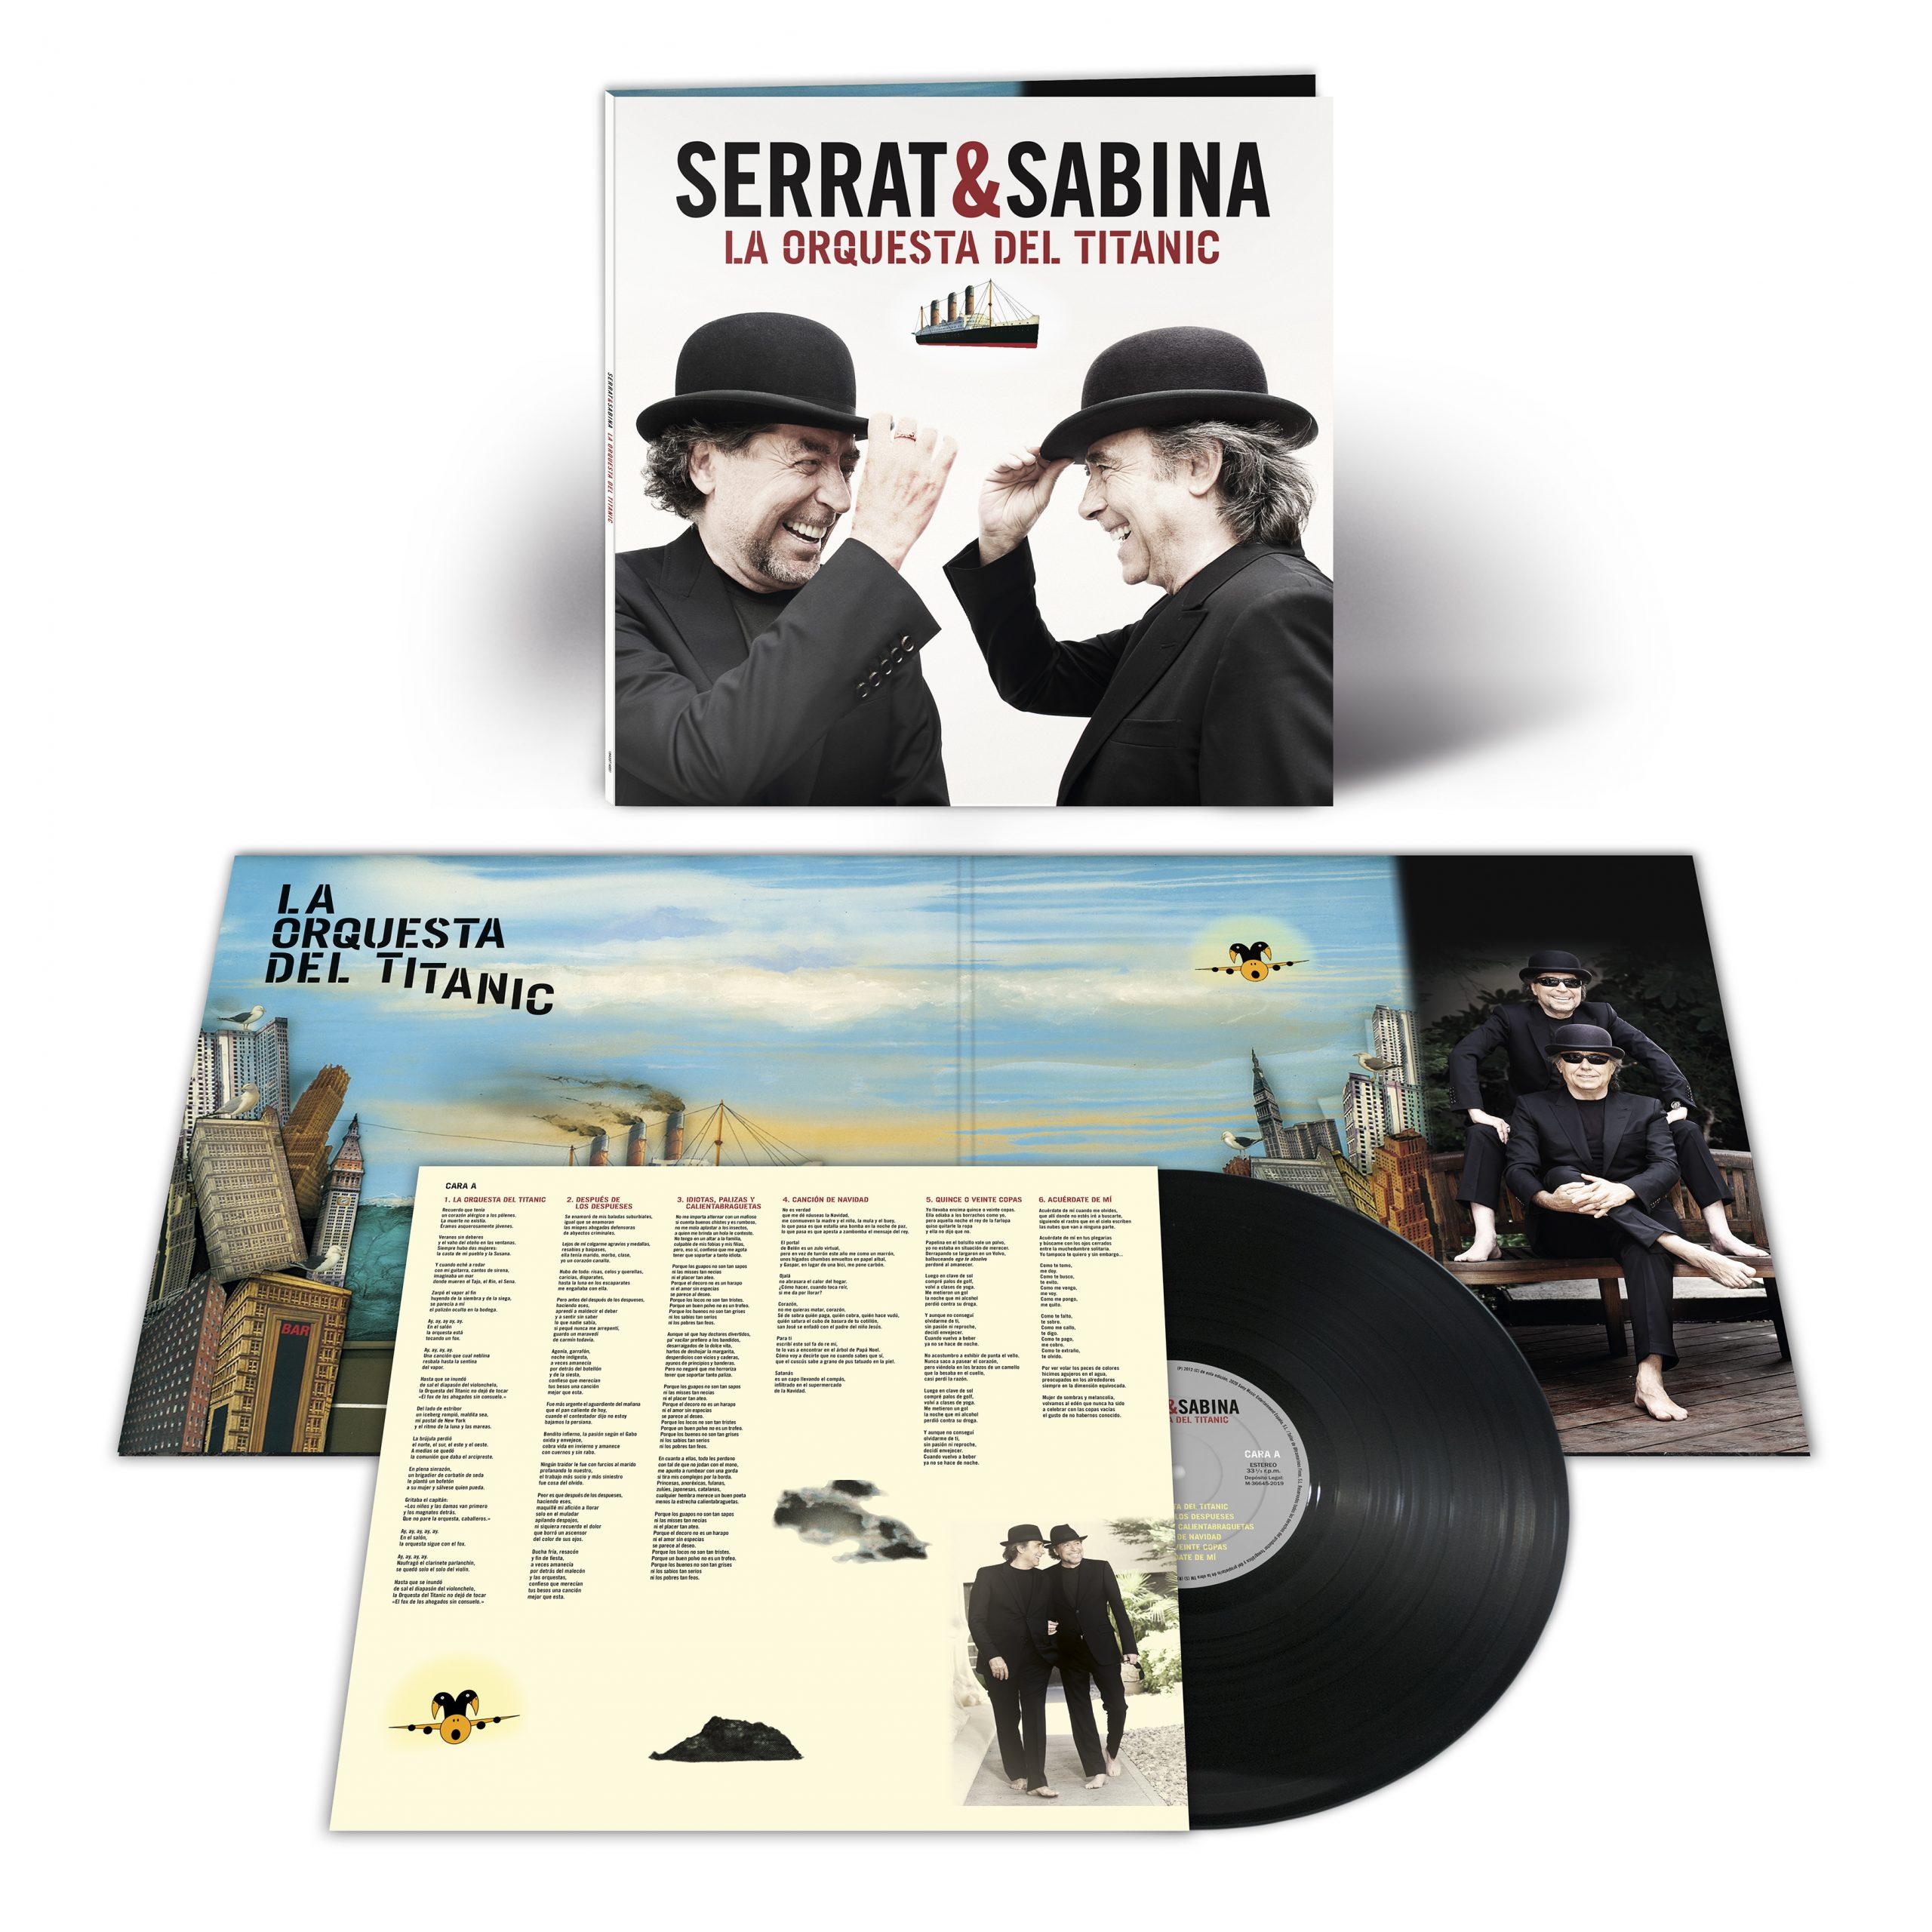 """Serrat y Sabina publican """"La orquesta del Titanic"""" en vinilo poco antes de sus conciertos en Barcelona y Madrid"""